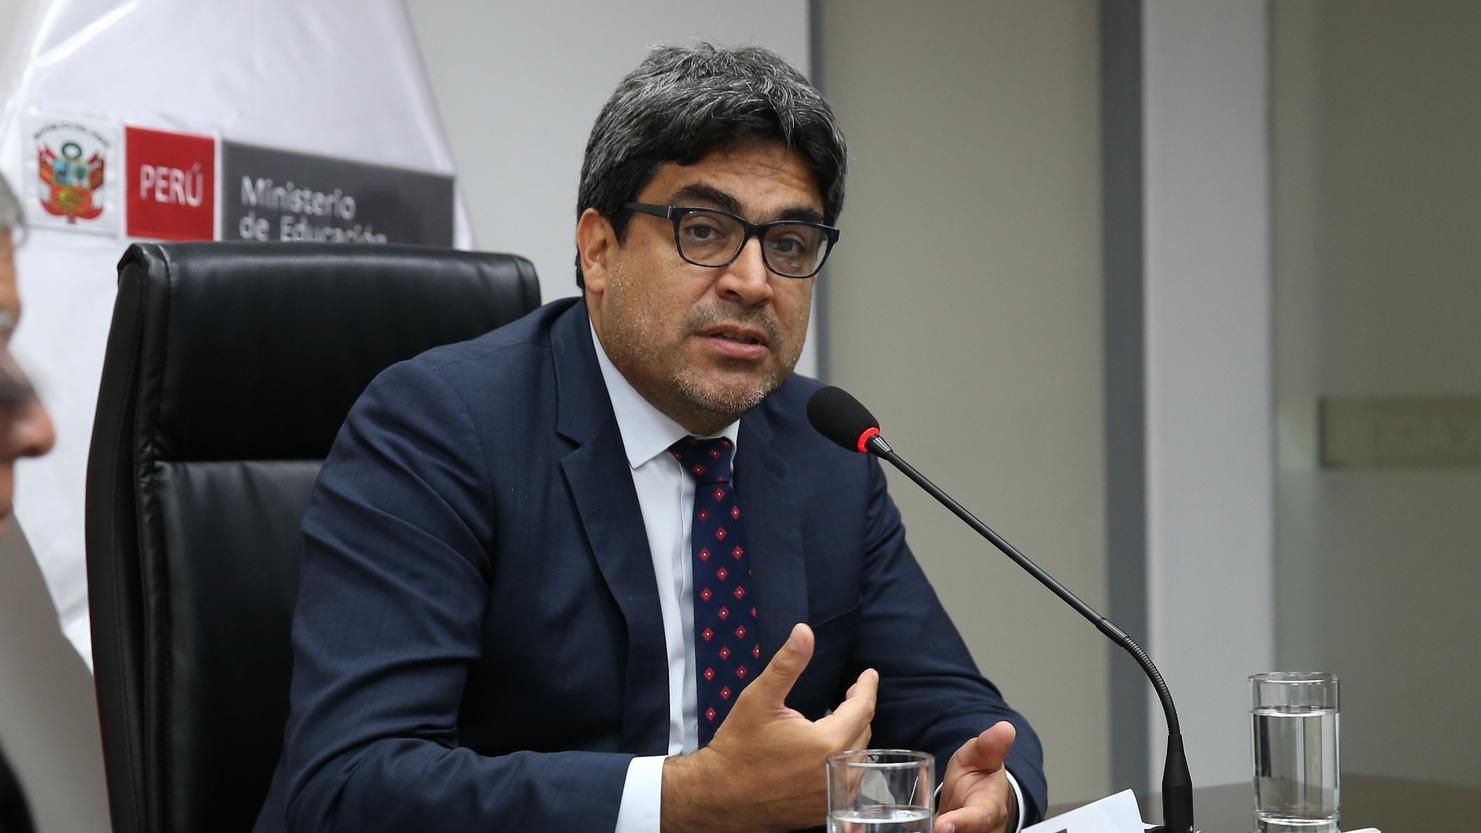 Ministro de Educación participó en conferencia de prensa.